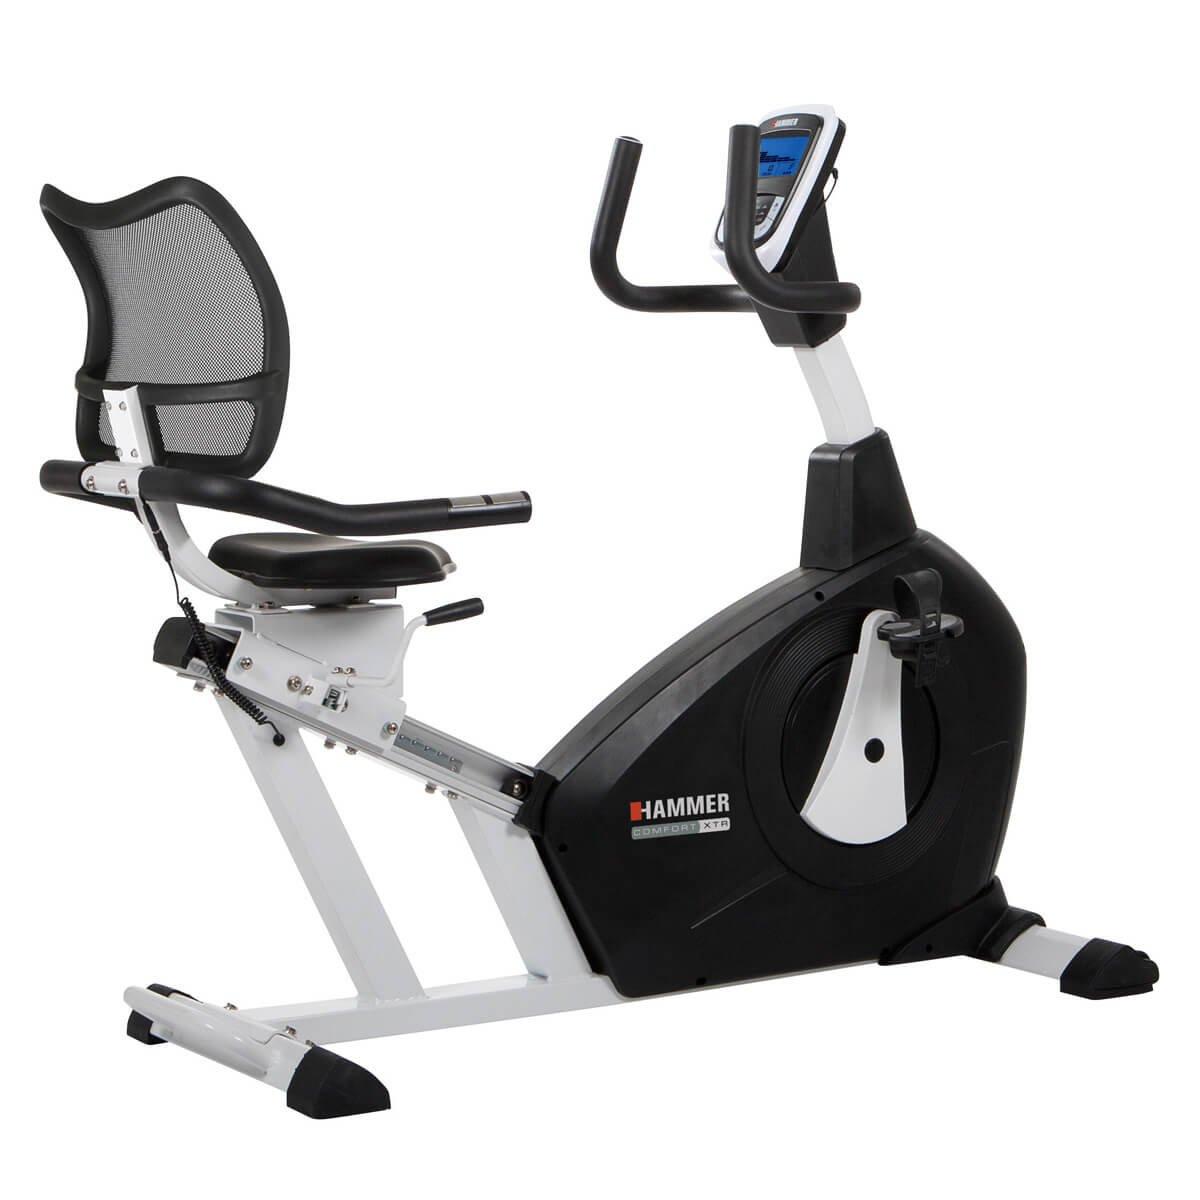 Hammer Sitzergometer Comfort XTR bei amazon kaufen